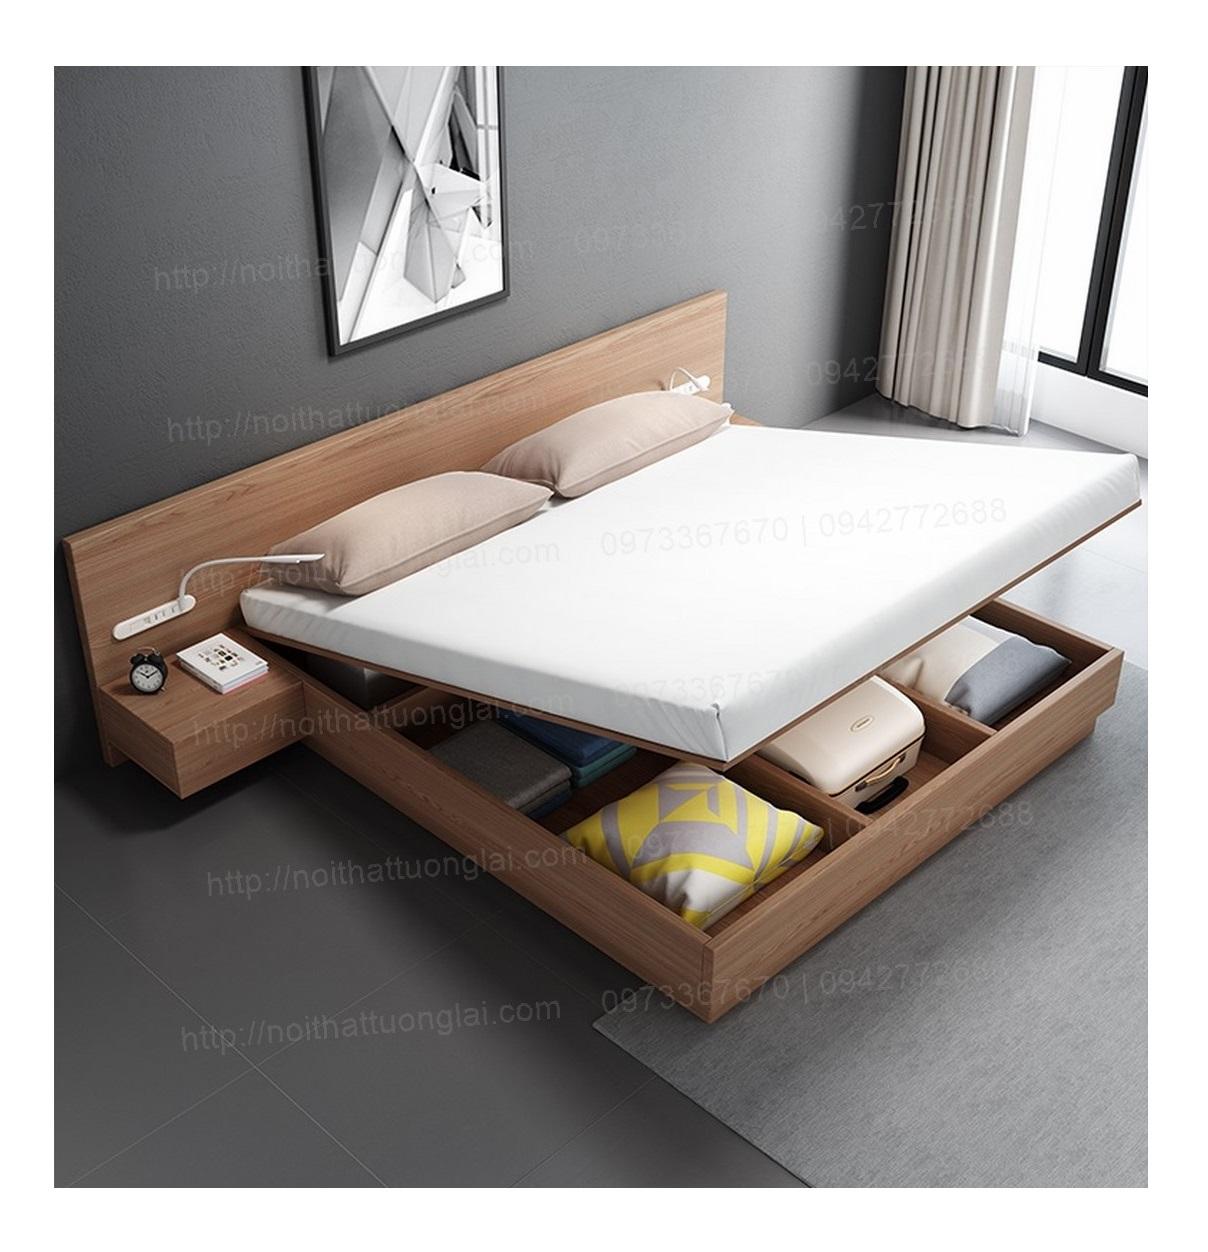 Mẫu giường ngủ đẹp hiện đại đa năng 2019